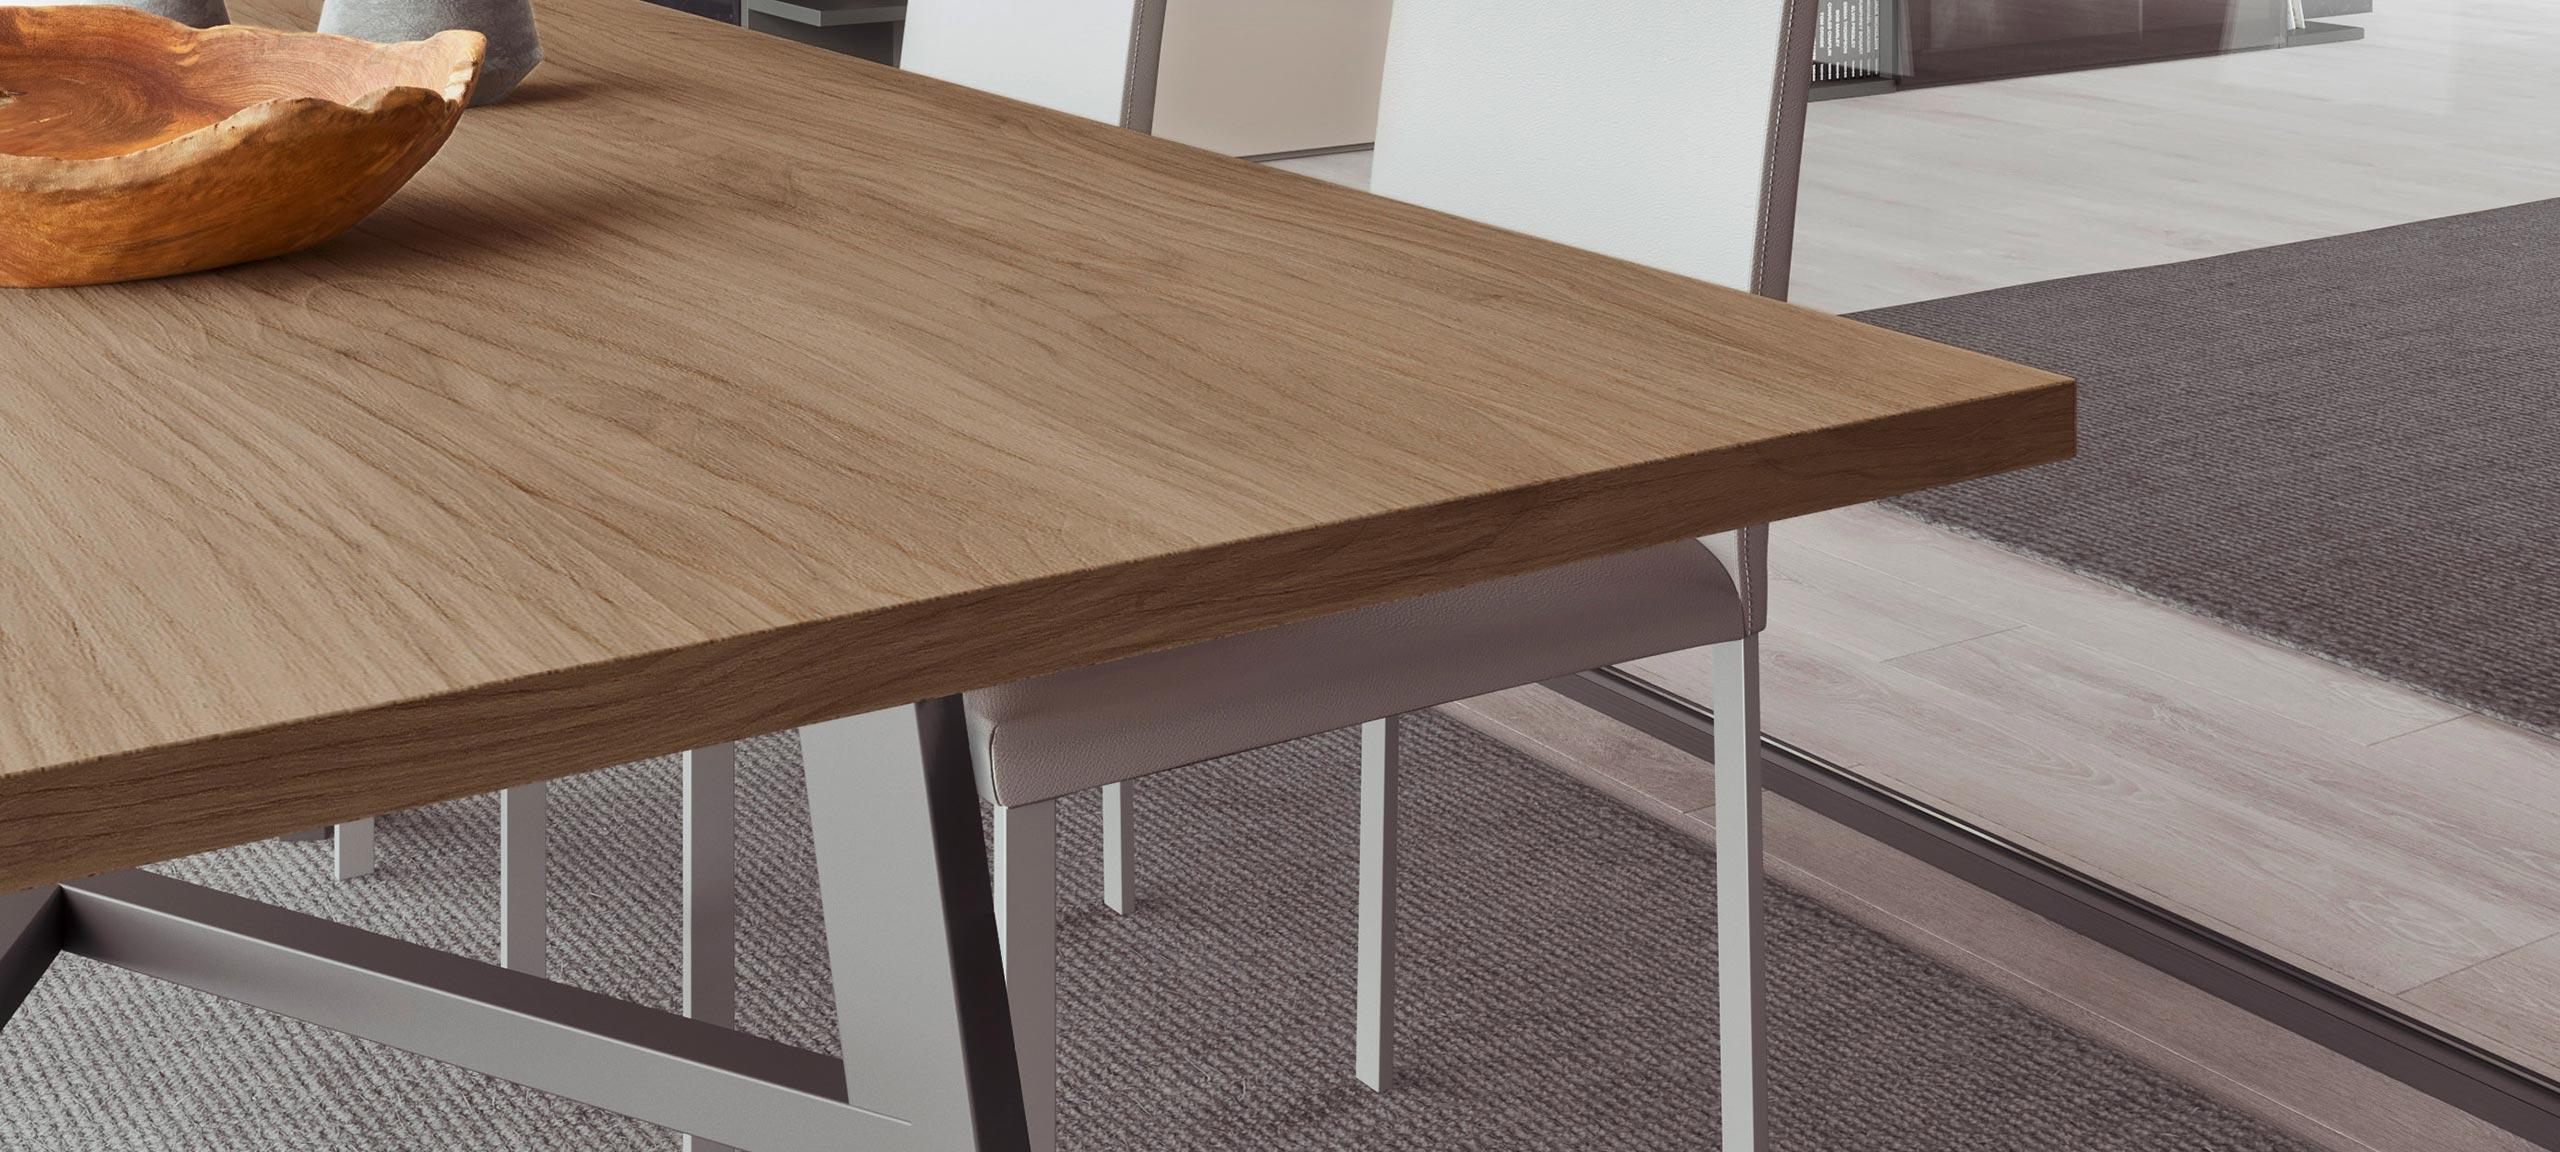 JACK - Tavolo Moderno da Soggiorno con Allunghe | MAB Home ...